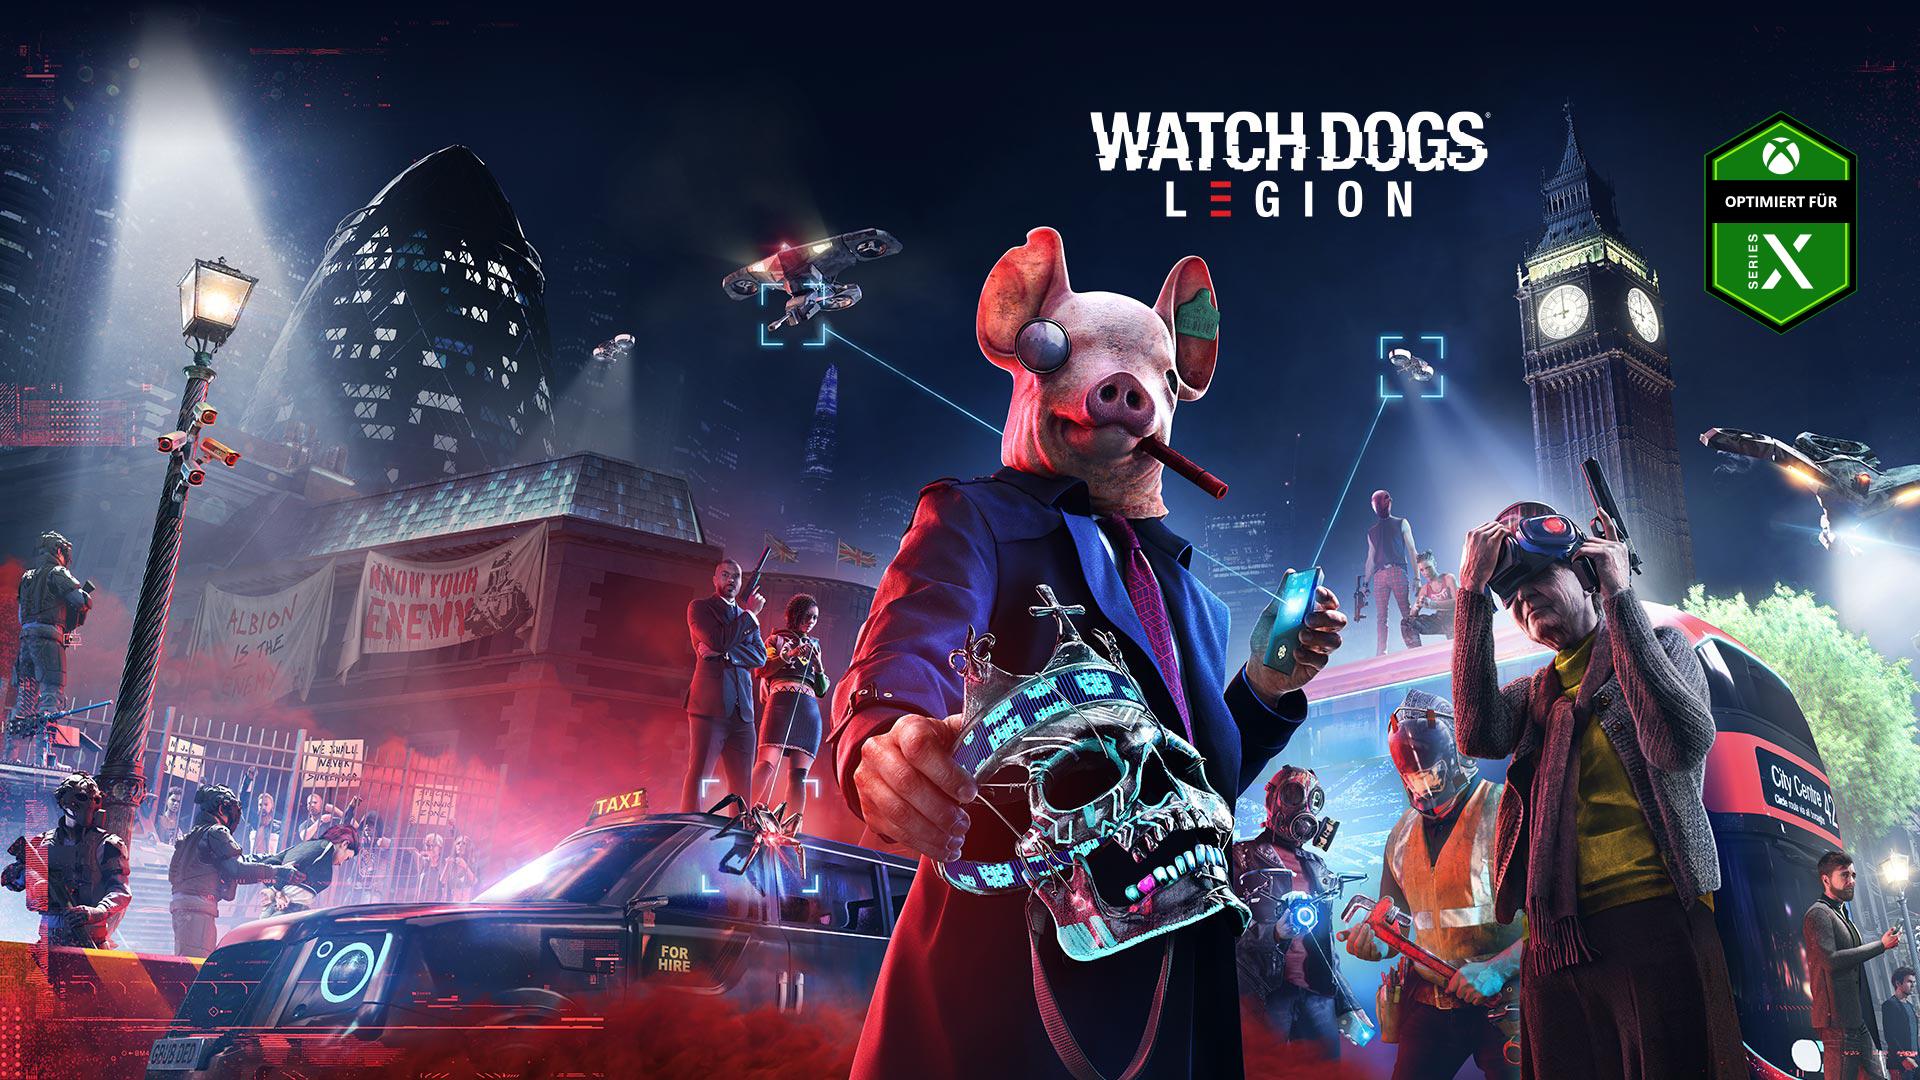 Optimiert für Series X-Badge, Logo von Watch Dogs Legion, Person in einer Schweinemaske mit einem Schädel in der Hand, zwei Drohnen, Big Ben und mehrere andere Figuren mit Waffen